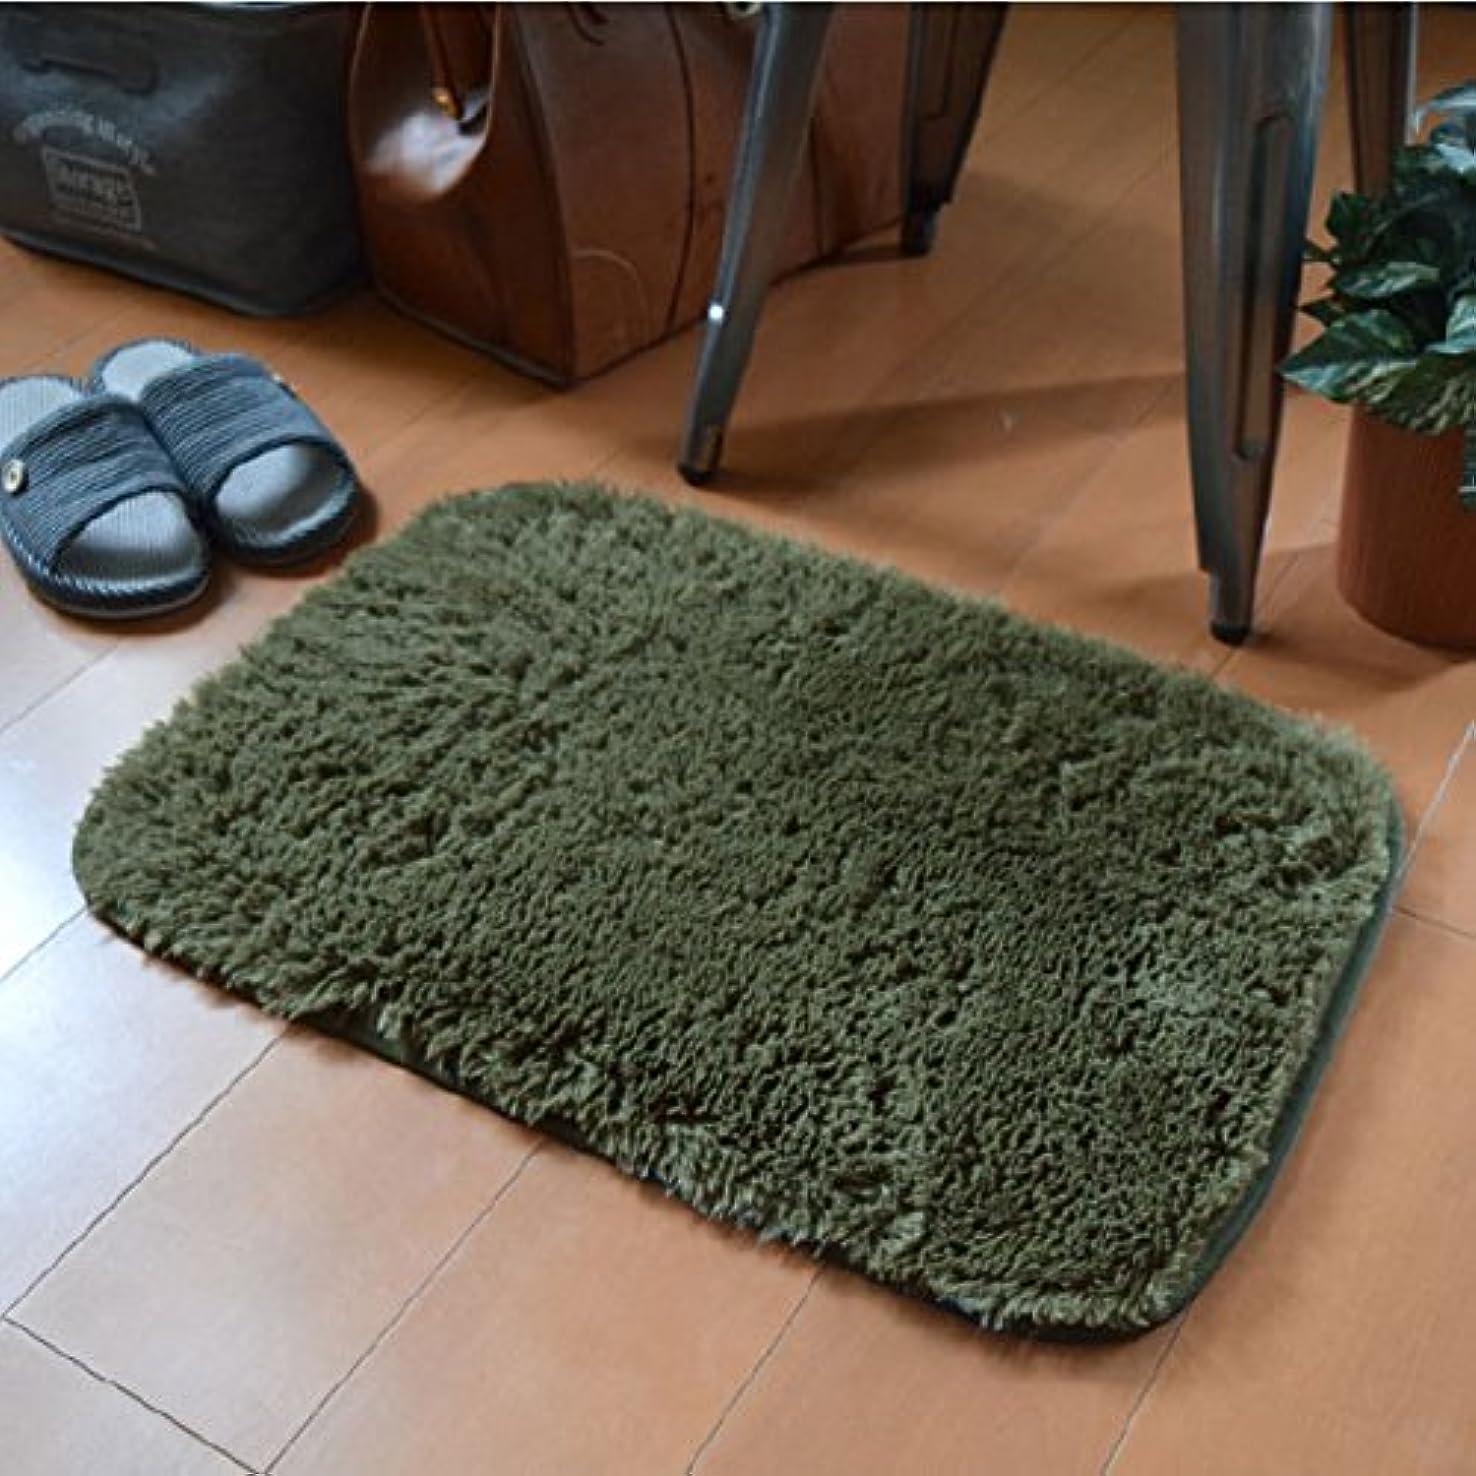 追加君主許すottostyle.jp 床を保護する多用途マット 厚さ1.5mm フローリングや畳のキズ防止に 廊下 チェア キッチン ダイニング デスク 机 作業台 椅子 下敷 撥水 カット可能